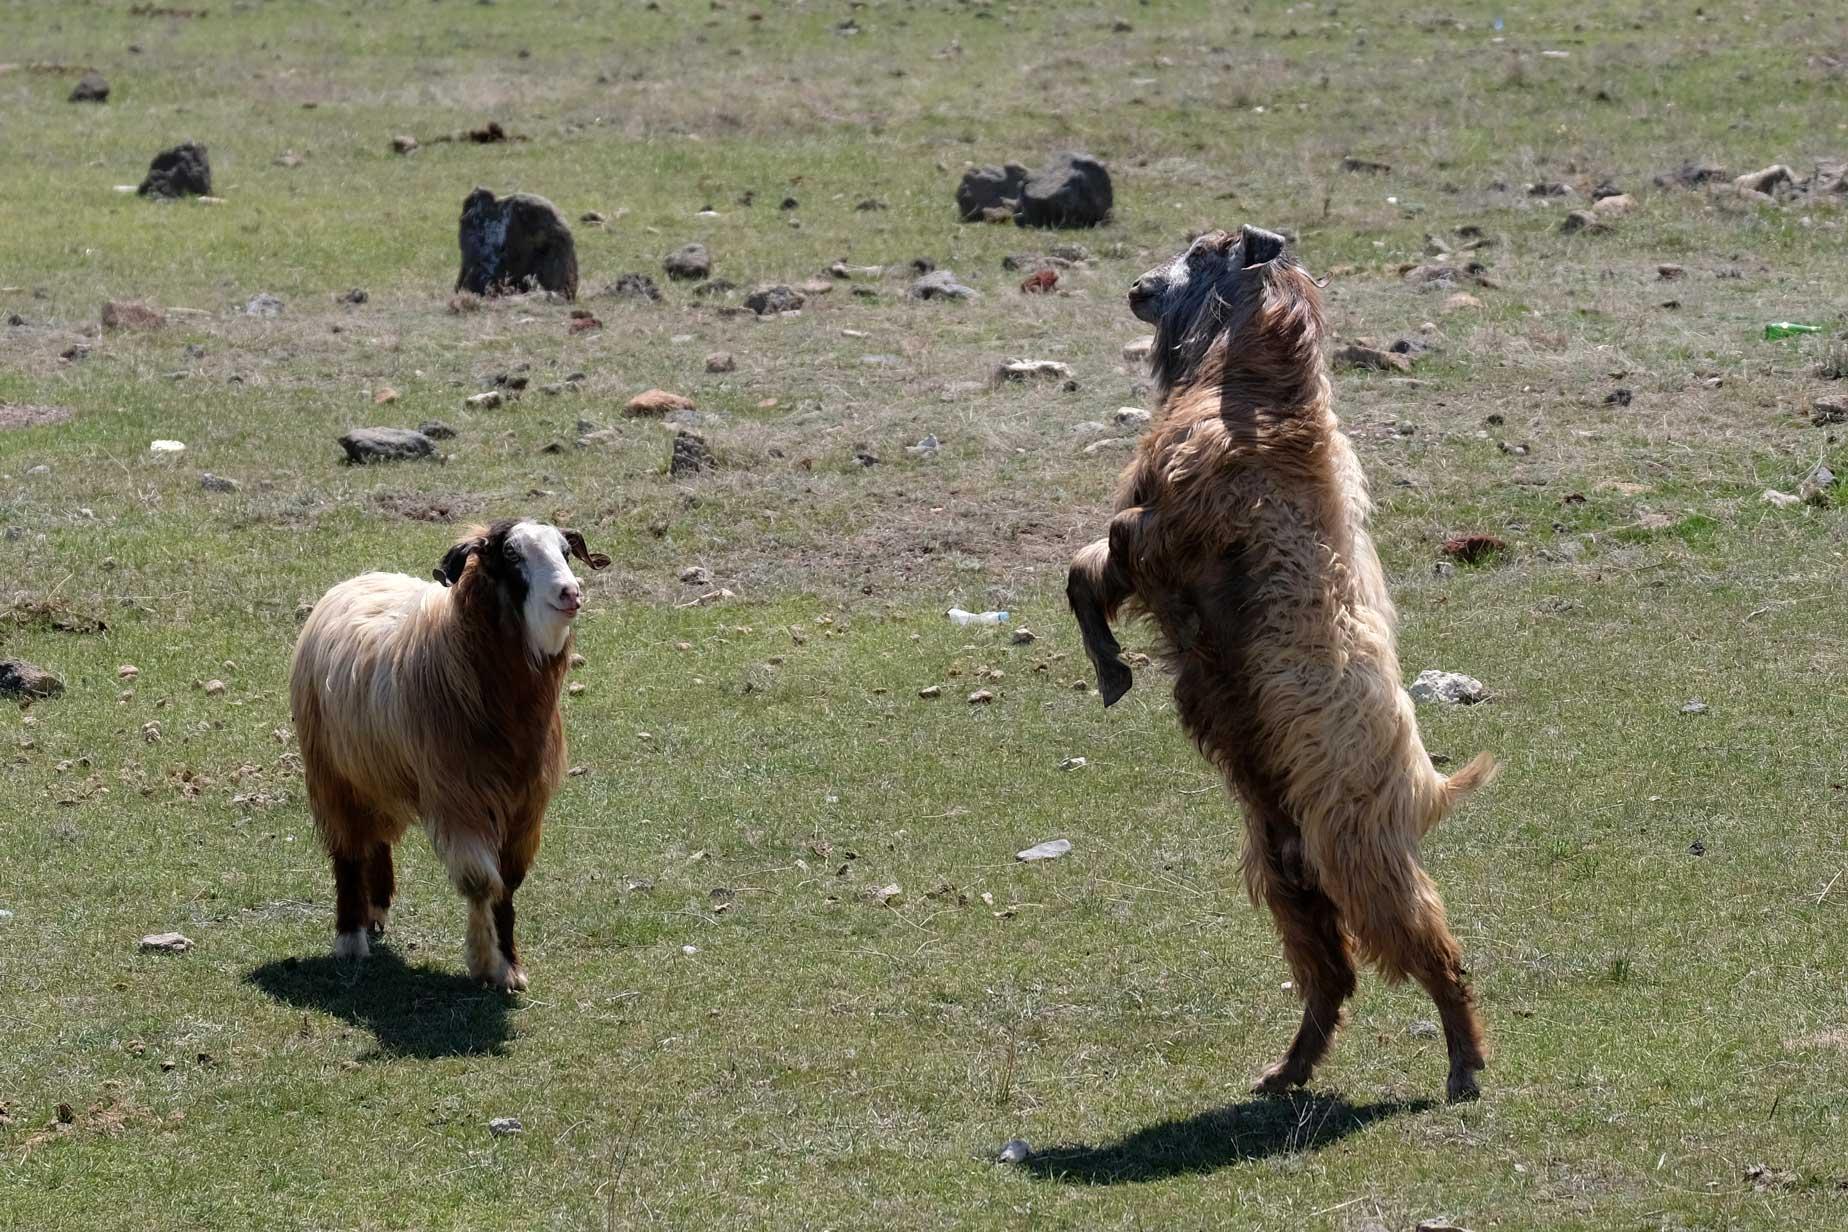 Ein Ziegenkampf in der Nahaufnahme